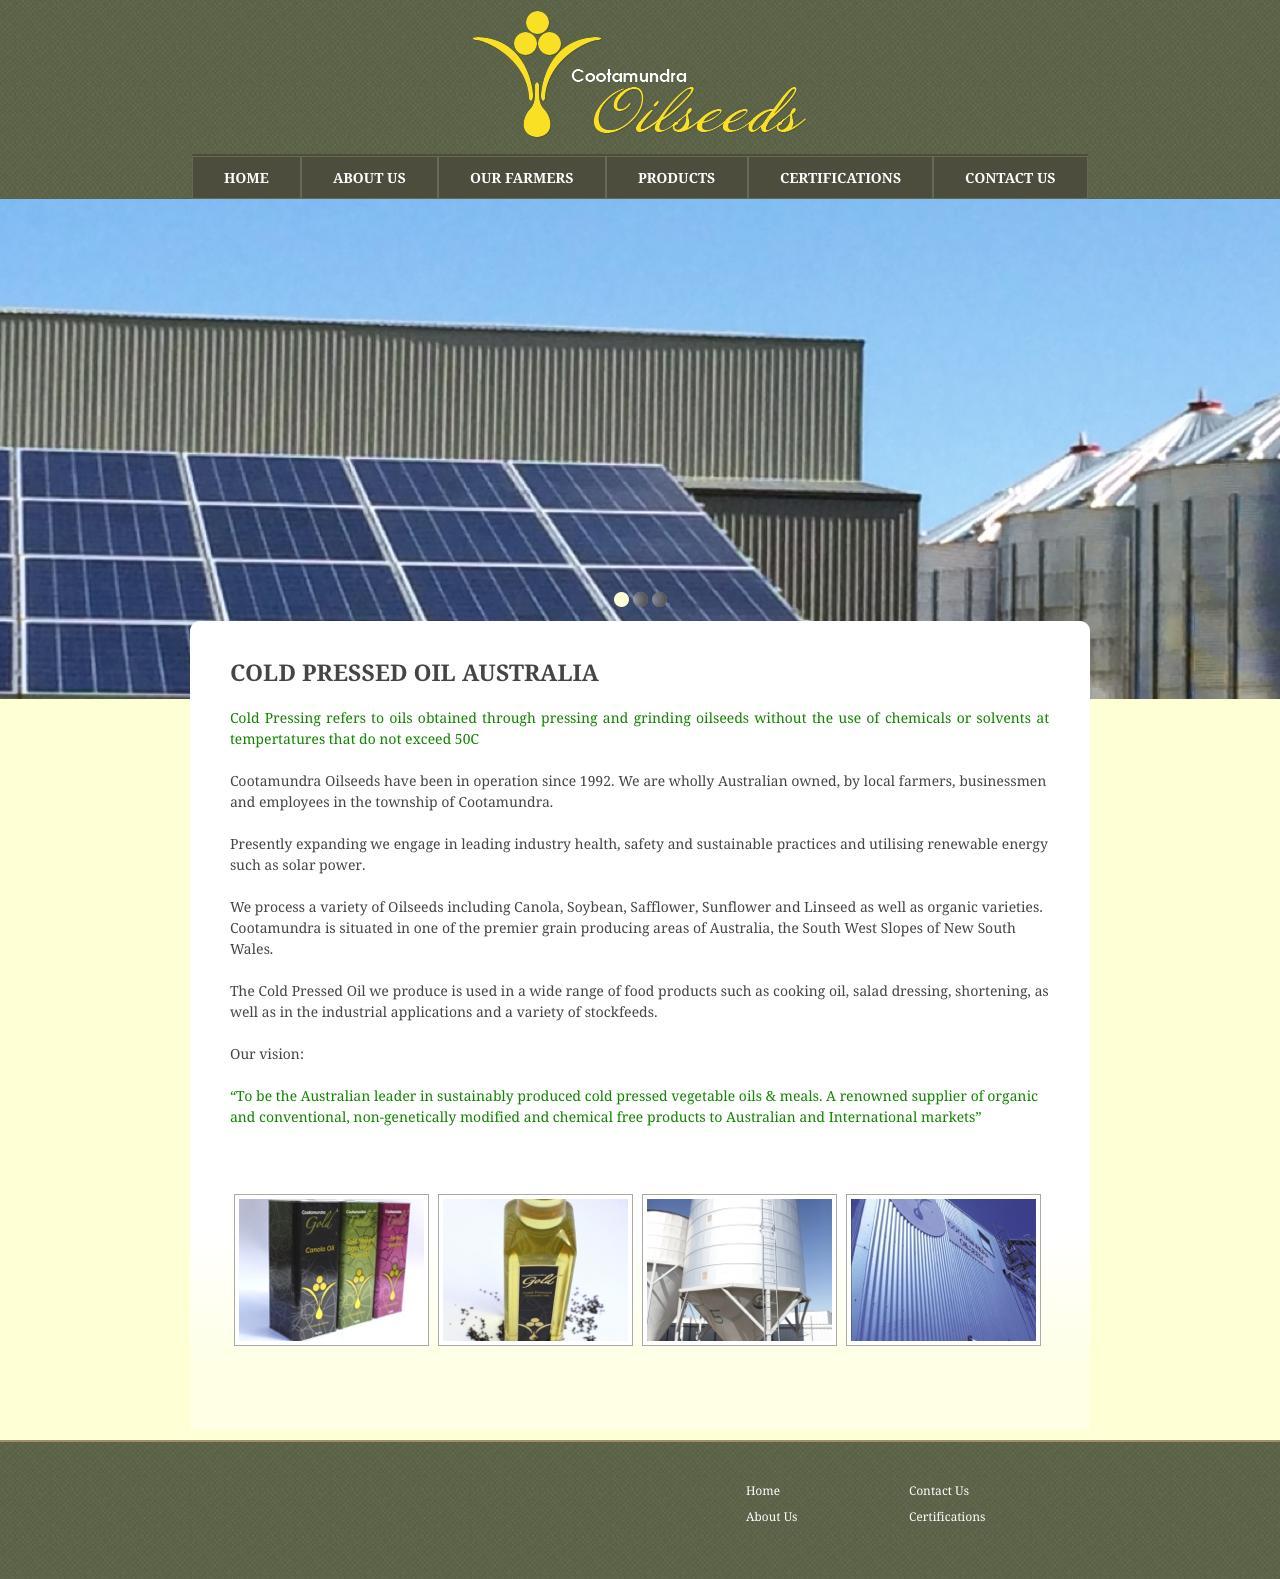 Screenshot of oilseeds.com.au - Oilseeds website  Oilseeds website - captured Sept. 18, 2015